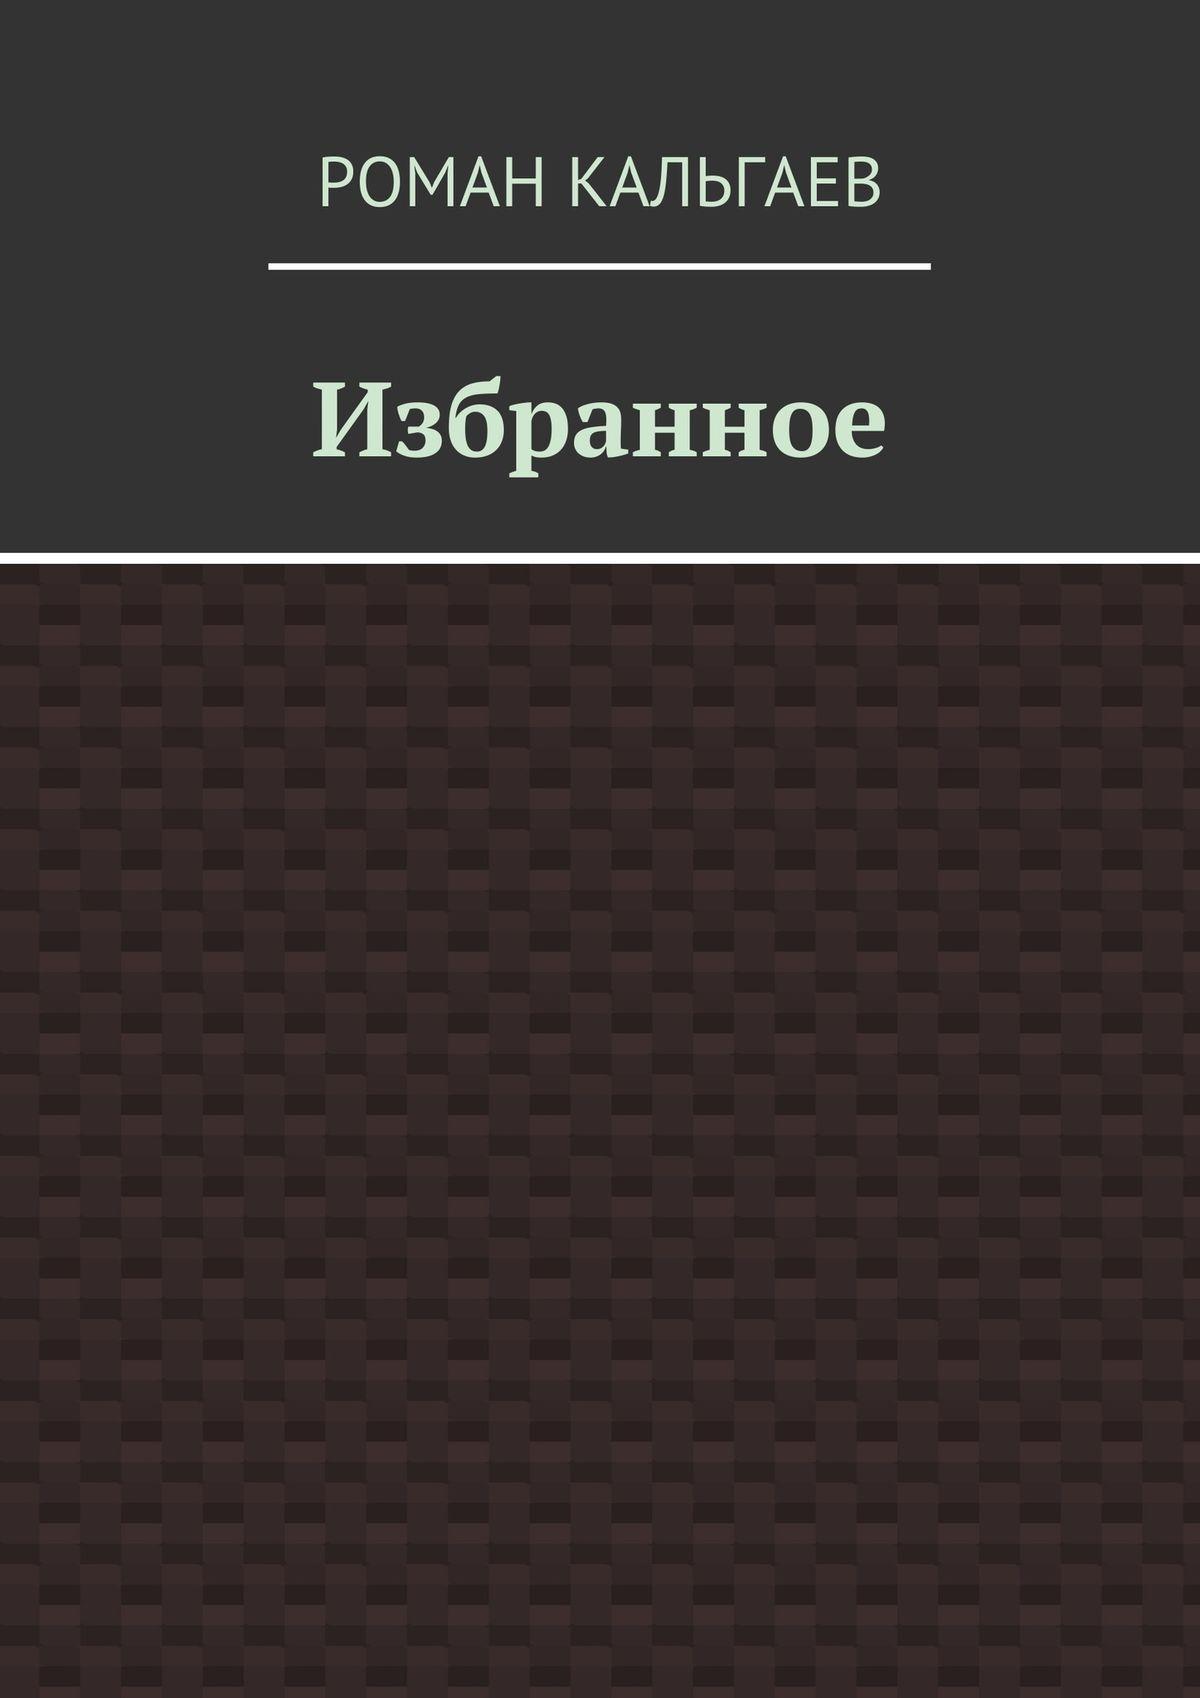 Роман Кальгаев Избранное рачева елена артемьева анна 58 я неизъятое дополненное расширенное издание